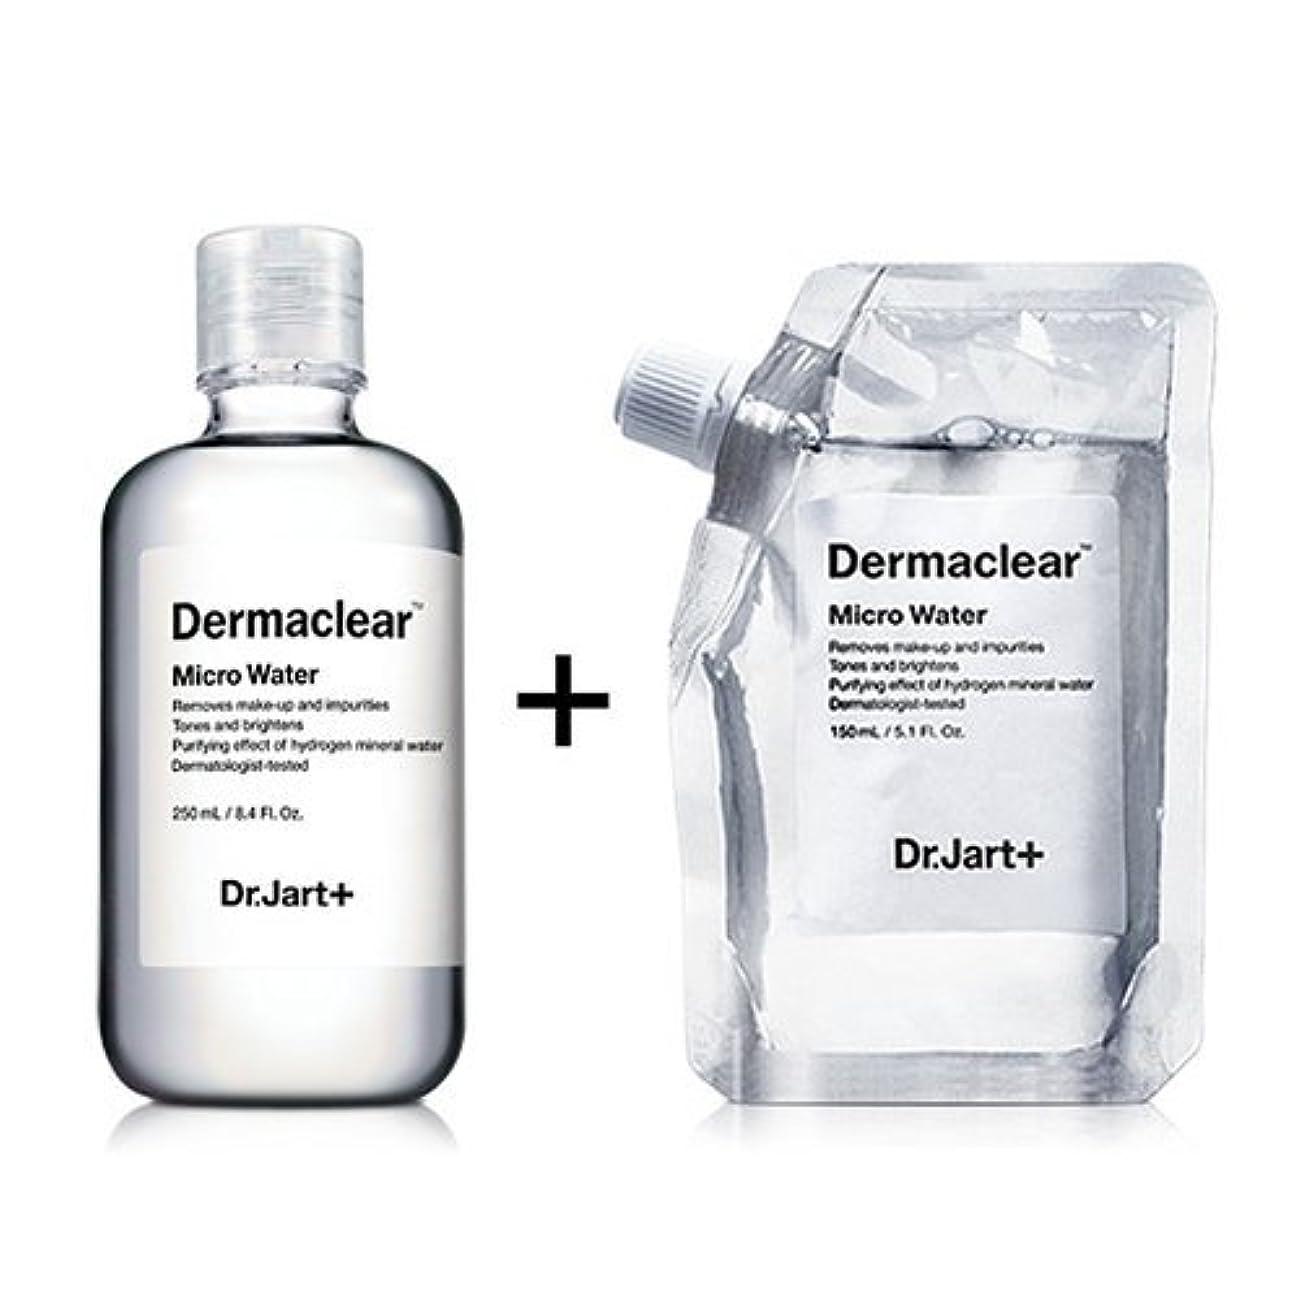 事故おもしろい魔術師ドクタージャルト[韓国コスメ Dr.Jart+]ダーマクリア マイクロ ウォーター250ml+150ml(リフィル) [Dr.Jart+]Dermaclear Micro Water (250ml+150ml)